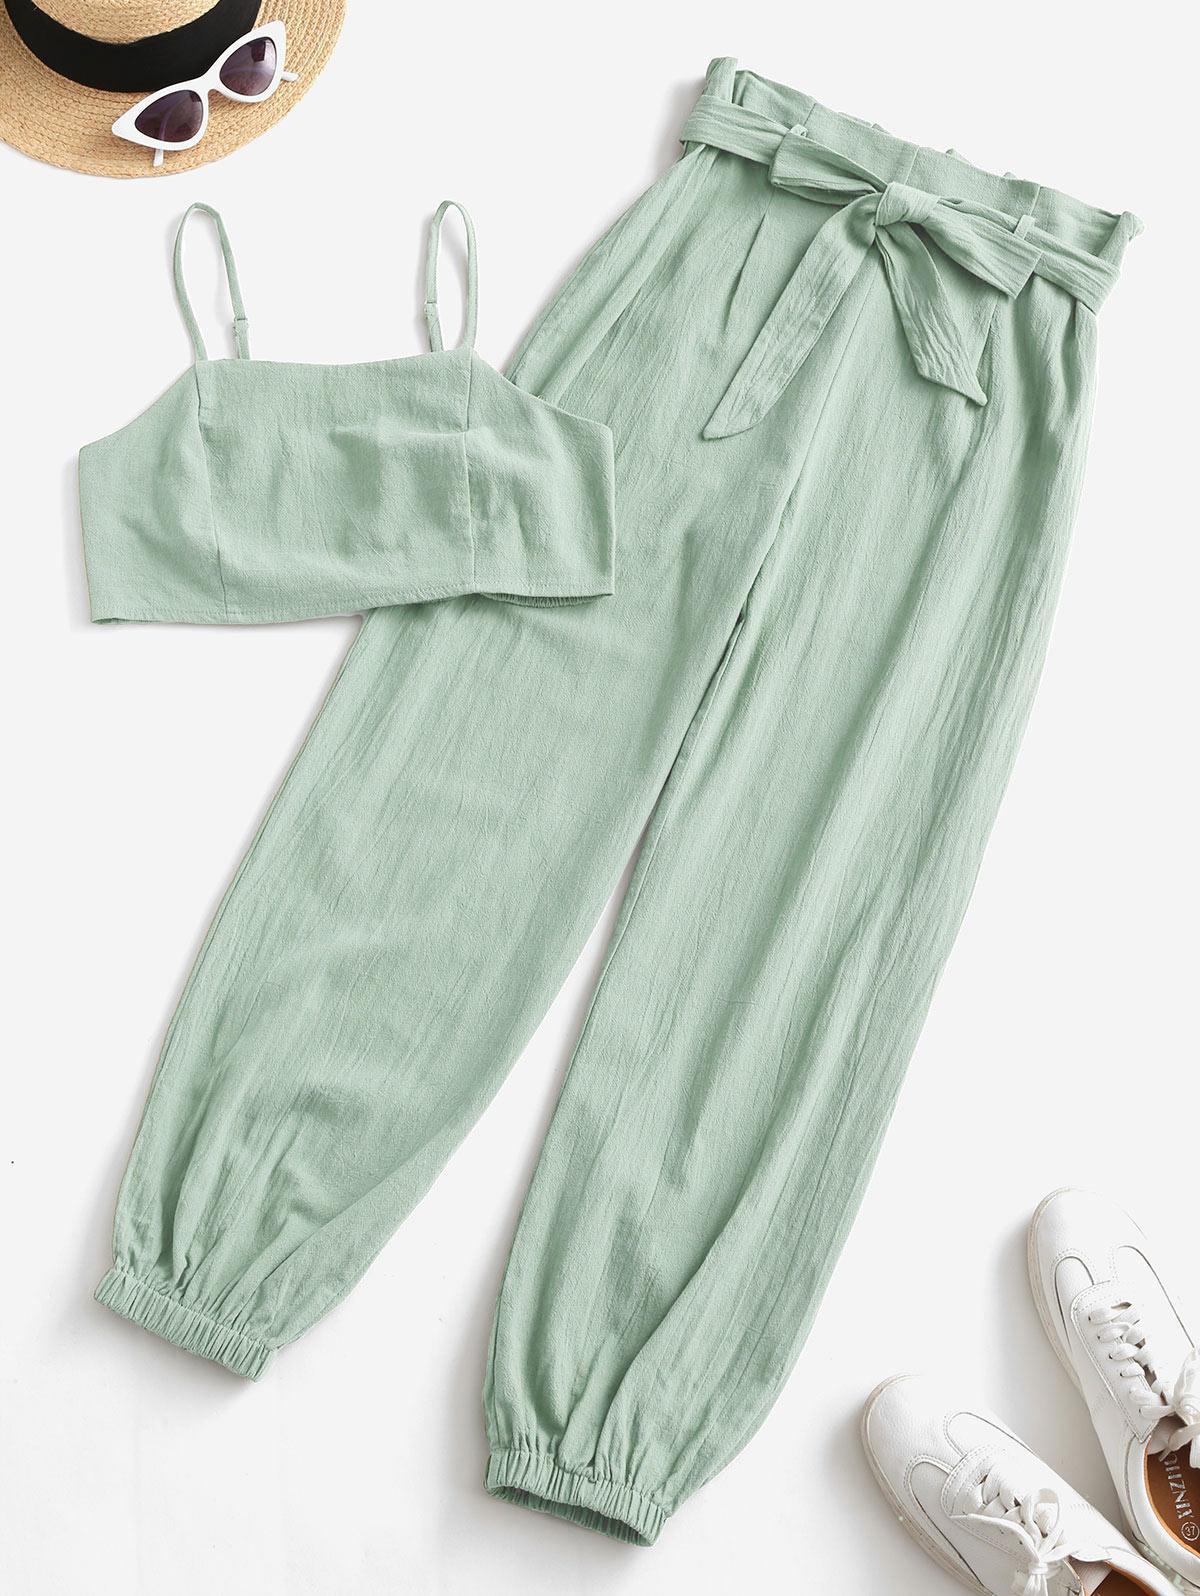 ZAFUL Smocked Back Cropped Belted Jogger Paperbag Pants Set